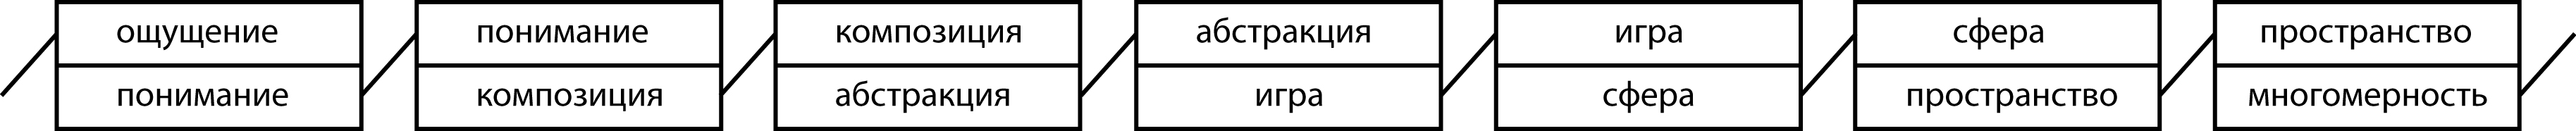 Пример блокчейн пространства картины.